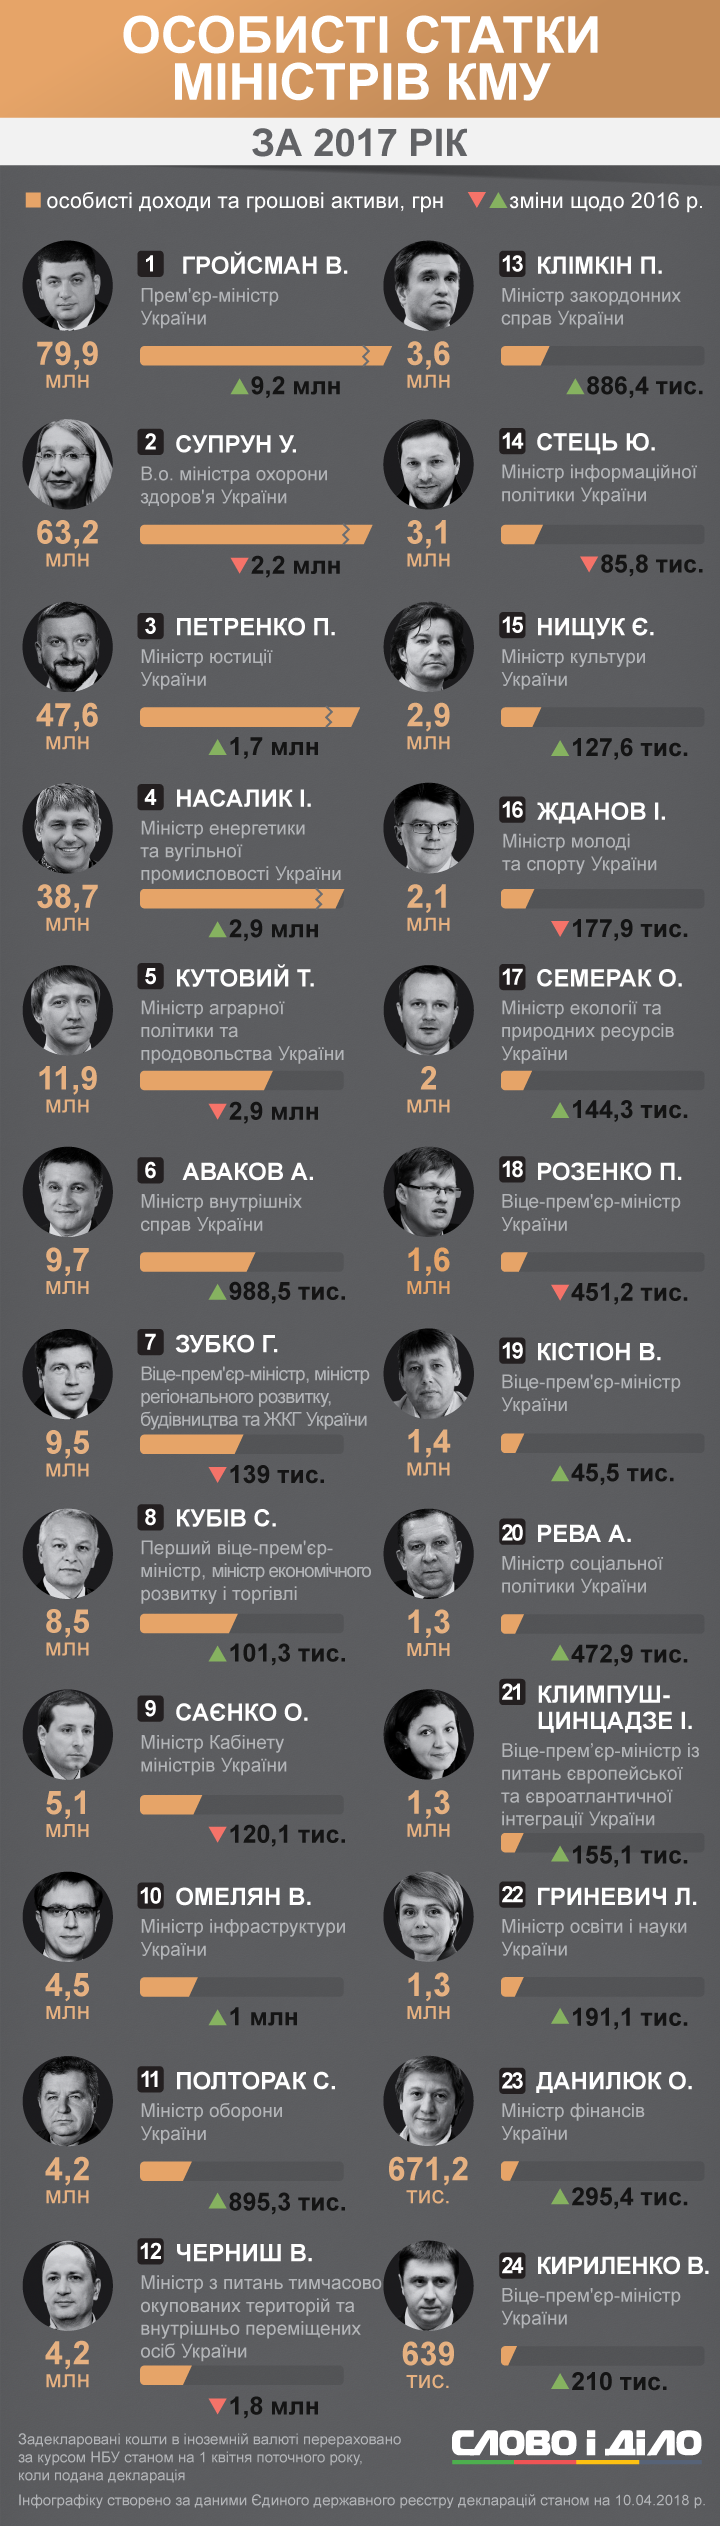 Слово і Діло аналізувало, хто з членів Кабінету міністрів України задекларував найбільше доходів.